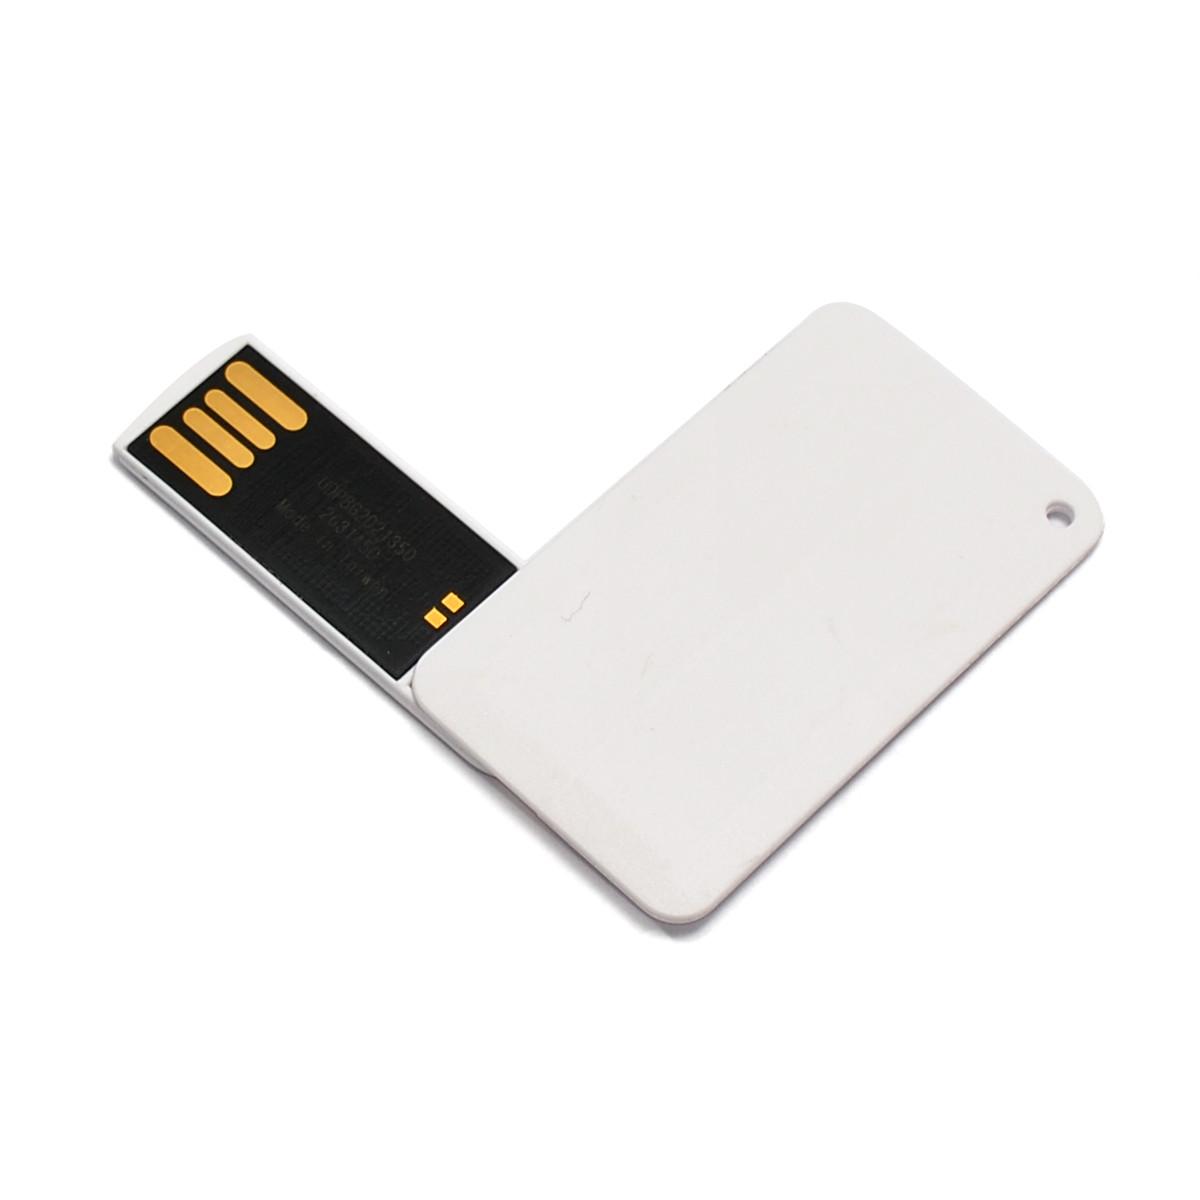 Флешка-карточка мини поворотная под логотип 8  Гб (1031-8-Гб)